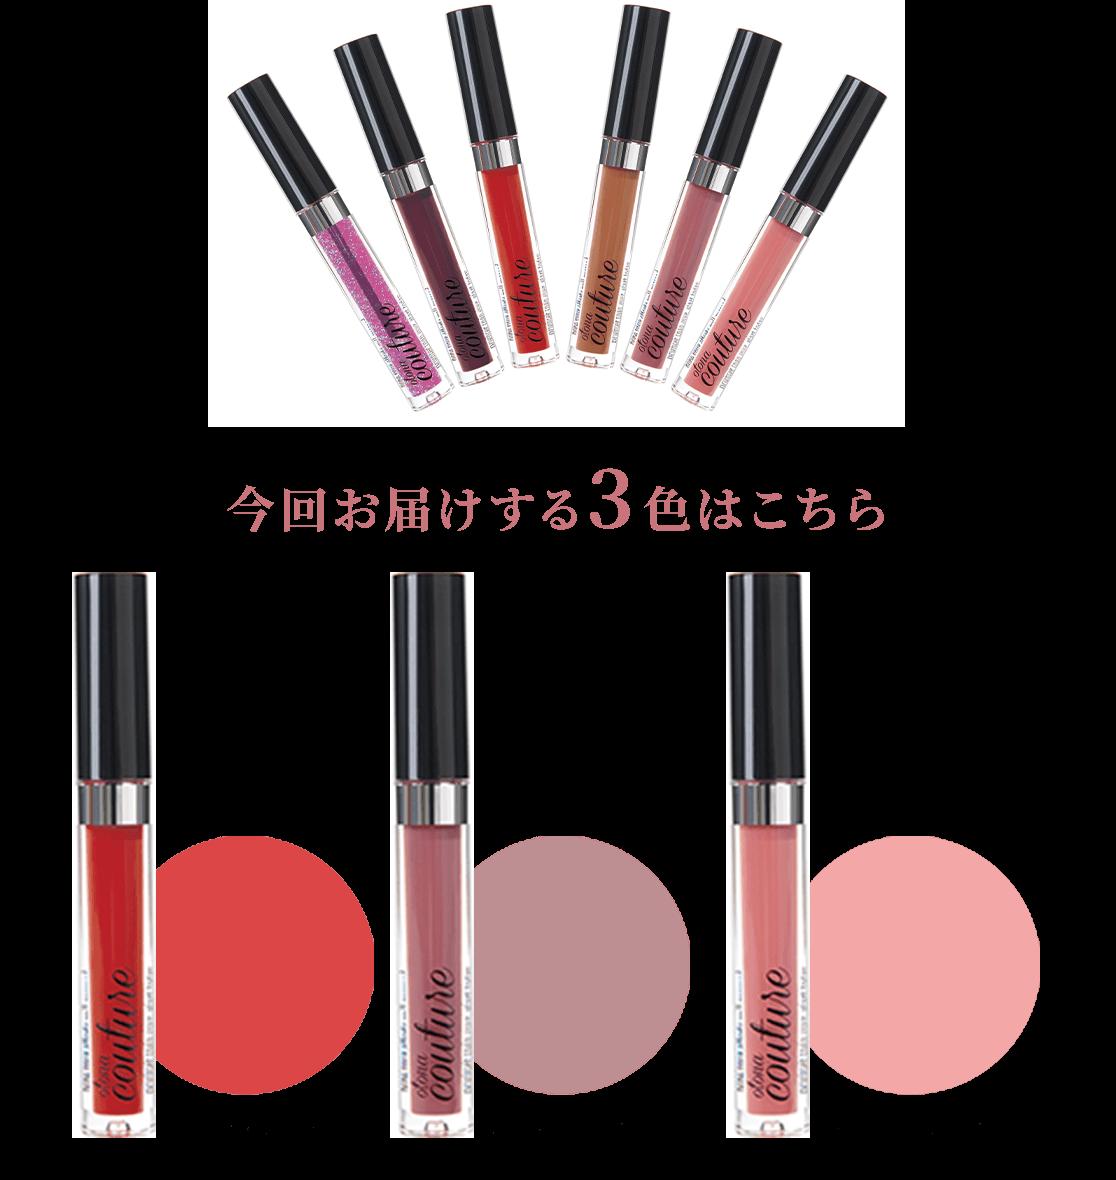 Lip Plamper リッププランパー 今回お届けする3色はこちら 10 エナメルレッド 20 ヌードピンク 30 コーラルピンク 商品イメージ